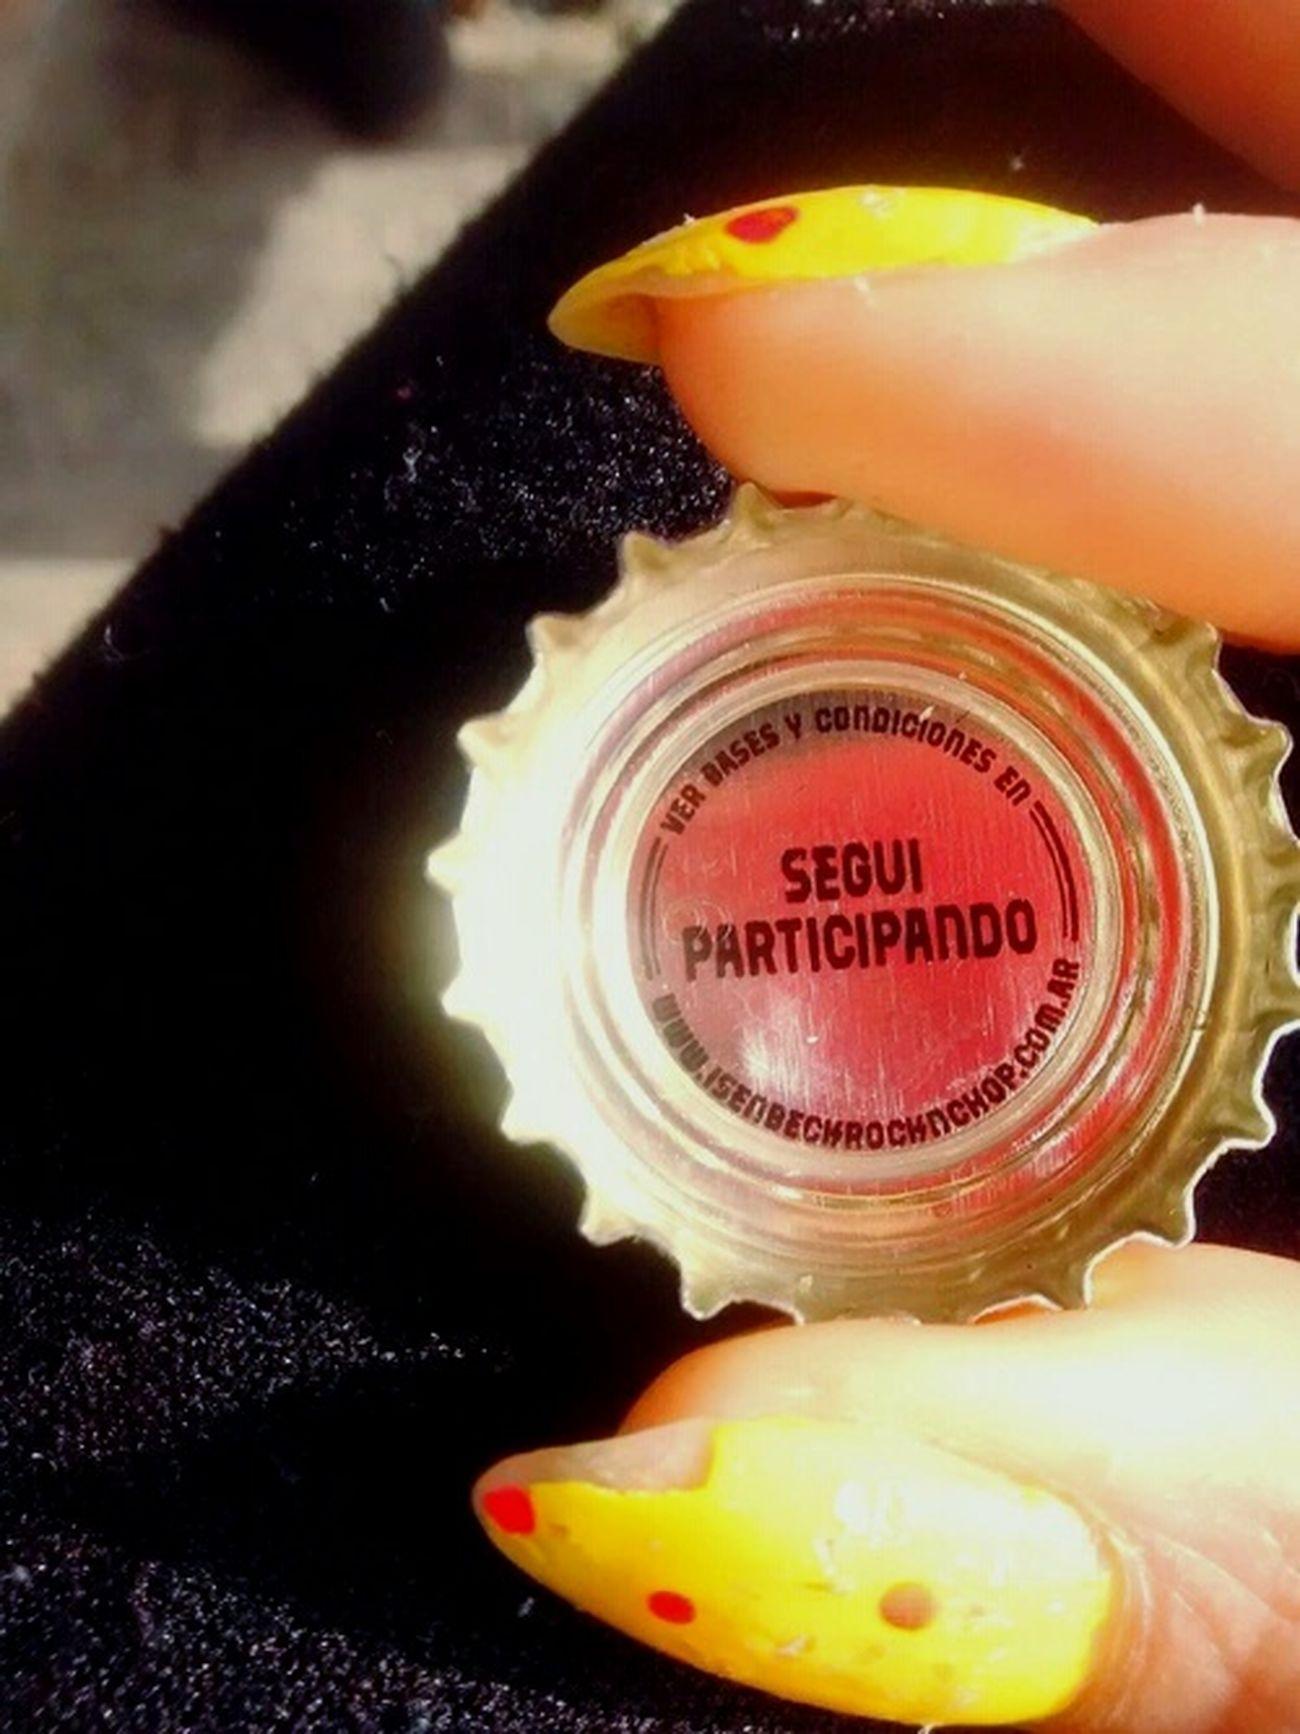 Seguir participando... Truestory Seguir Dreaming Dorado Golden Sol Summer ☀ Chapita Beer Premios Destapalafelicidad Wins Hi! Moments Of Life